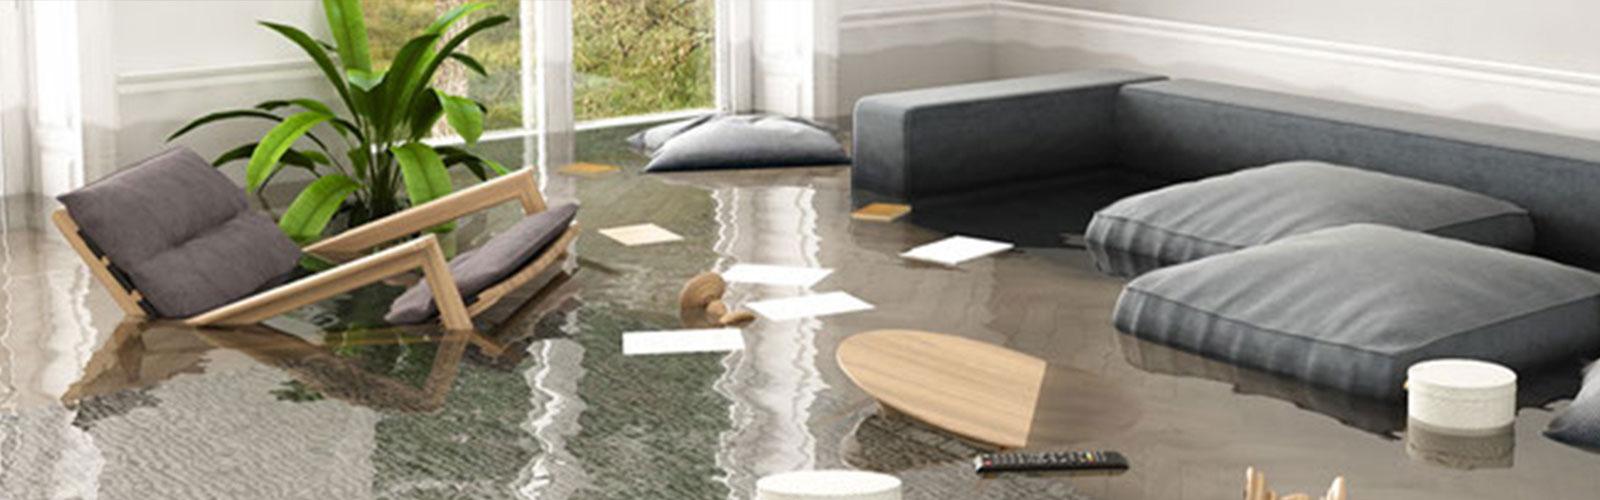 Überschwemmung im Wohnzimmer